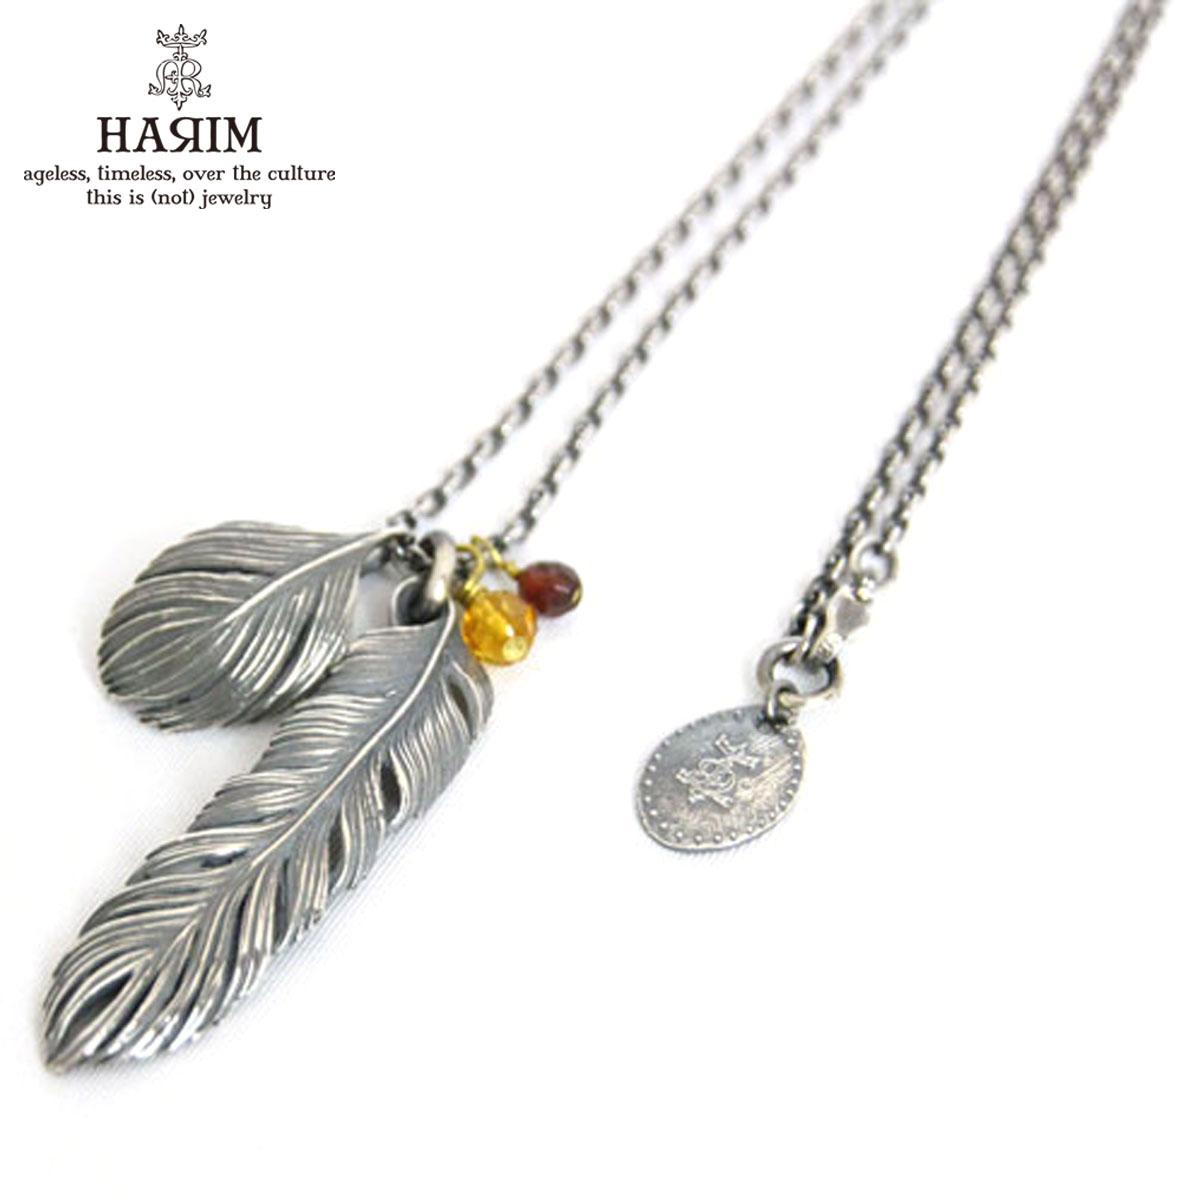 ハリム HARIM 正規販売店 ネックレス leef feather with jem set 2 Necklace HRP023